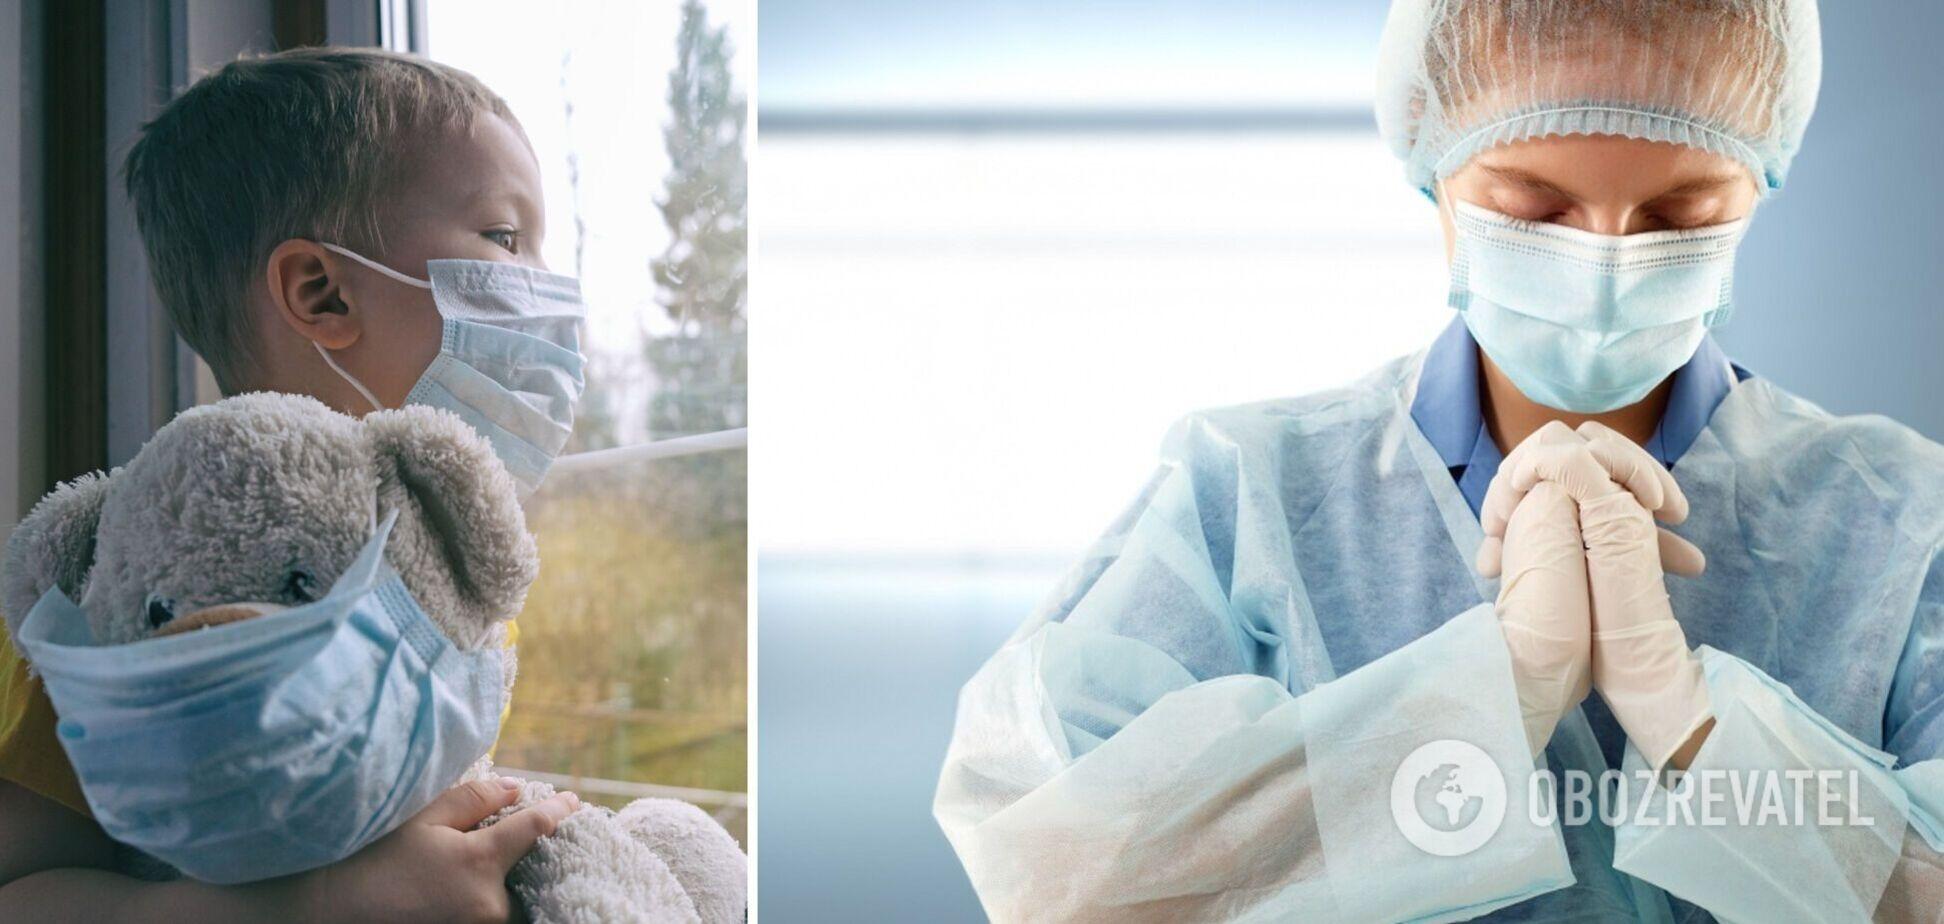 В Україні понад 10 тисяч дітей захворіли на коронавірус за 9 днів жовтня